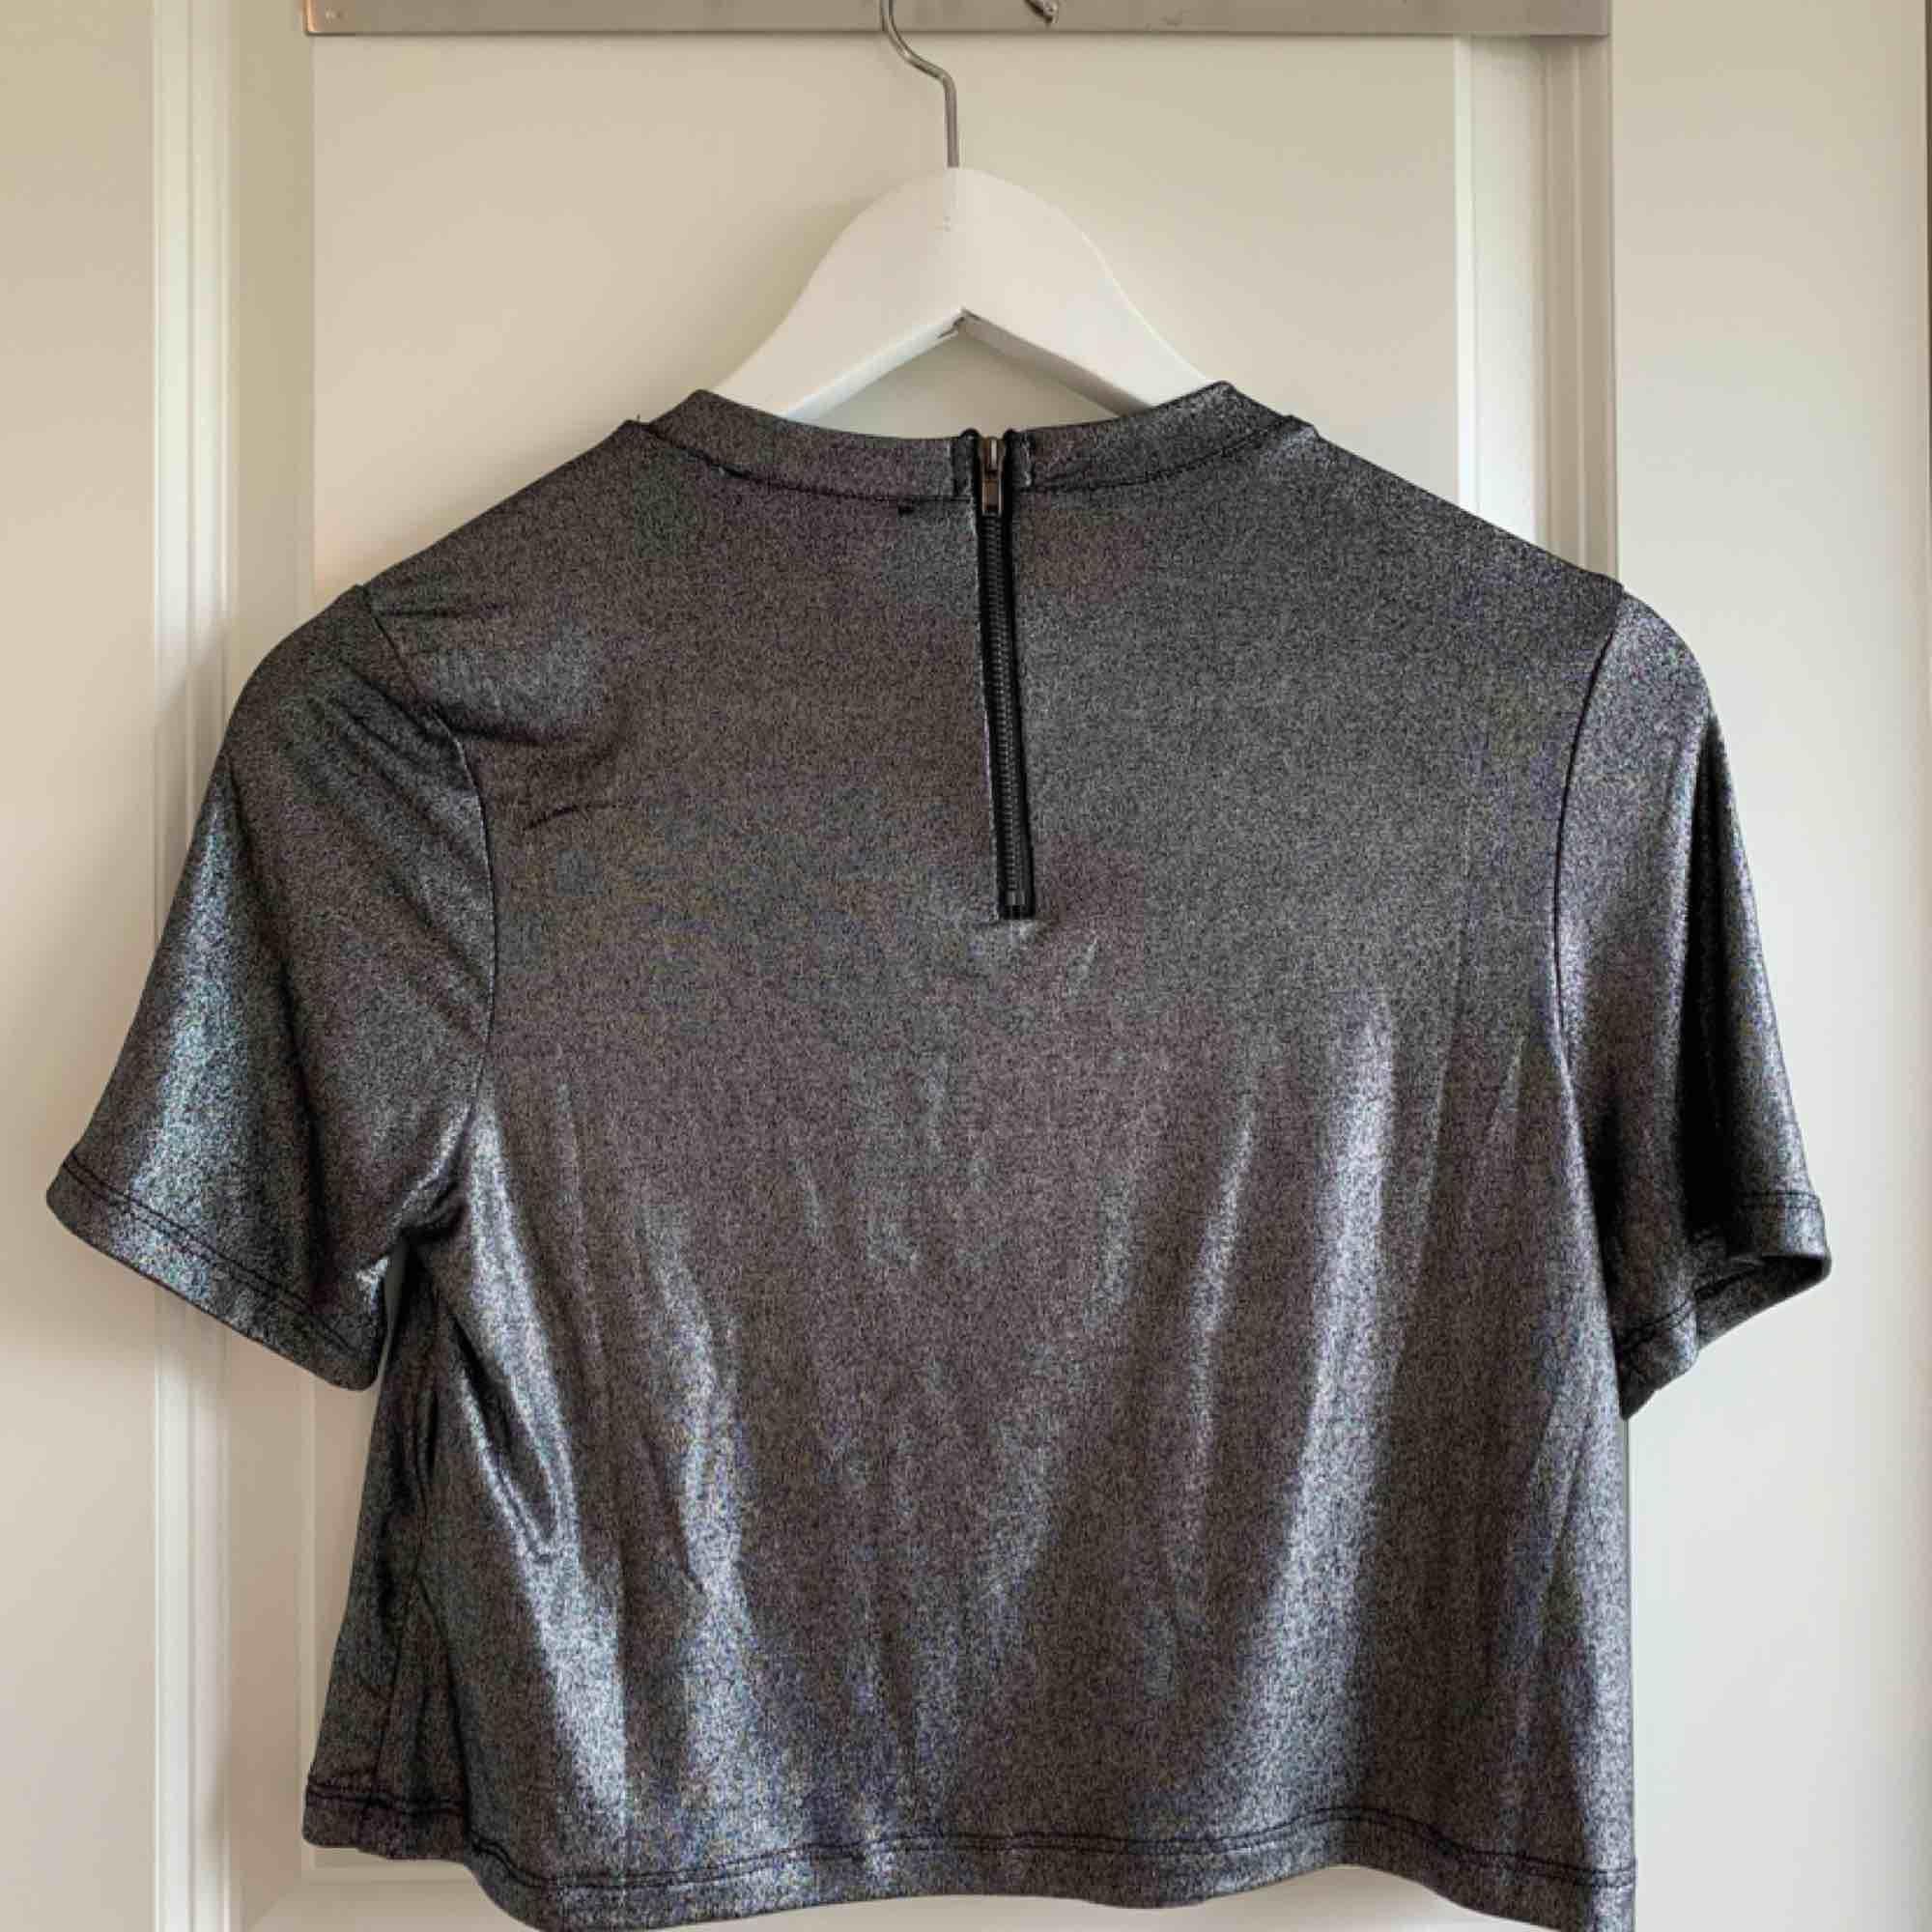 Metallic glittrig/glansig t-shirt från Forever21. Superfin festlig topp, något kortare i modellen, zipper i bak. True to size. Frakt 36kr tillkommer, kolla gärna in mina andra plagg- jag samfraktar gärna! 🌟. T-shirts.